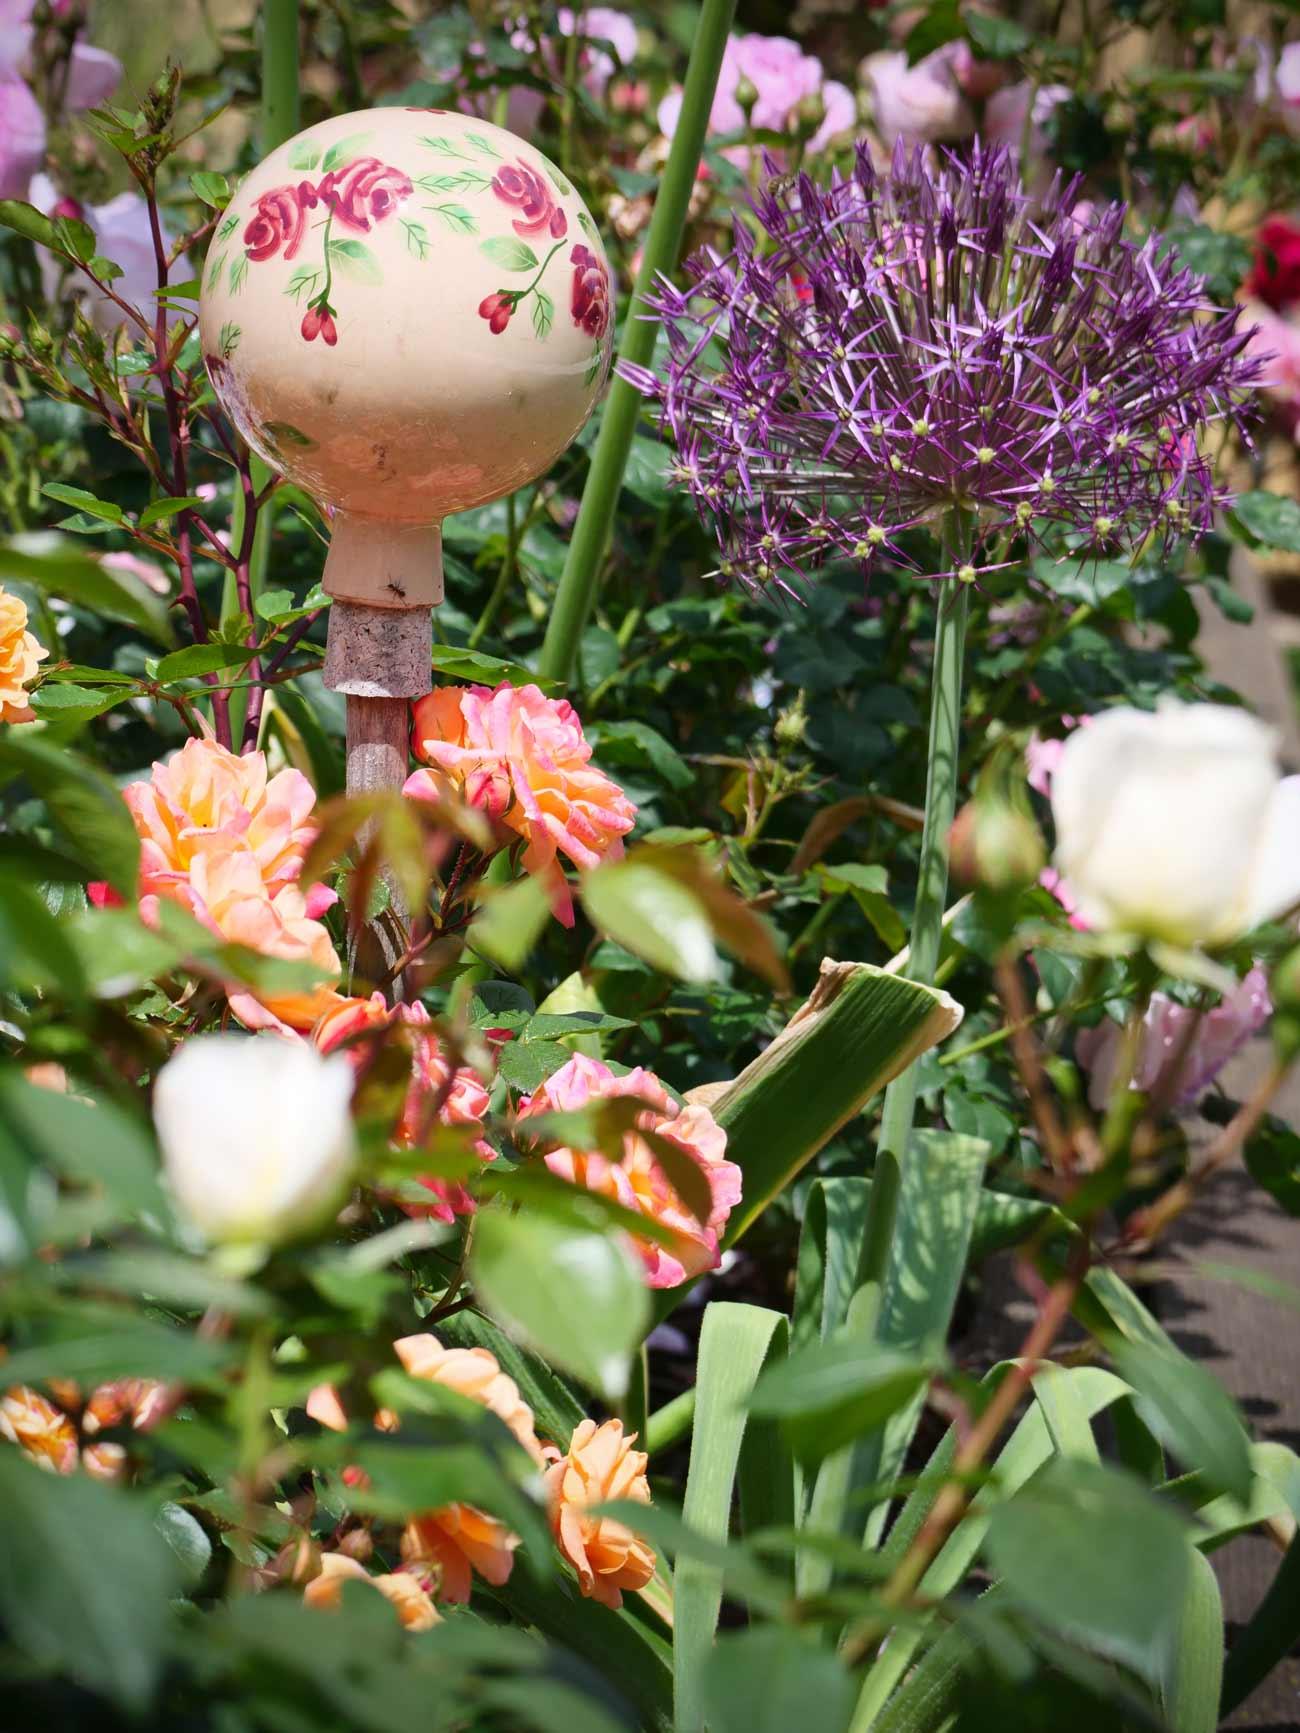 Zierlauch-Alium-Rose-Biene-2020IMG_3788